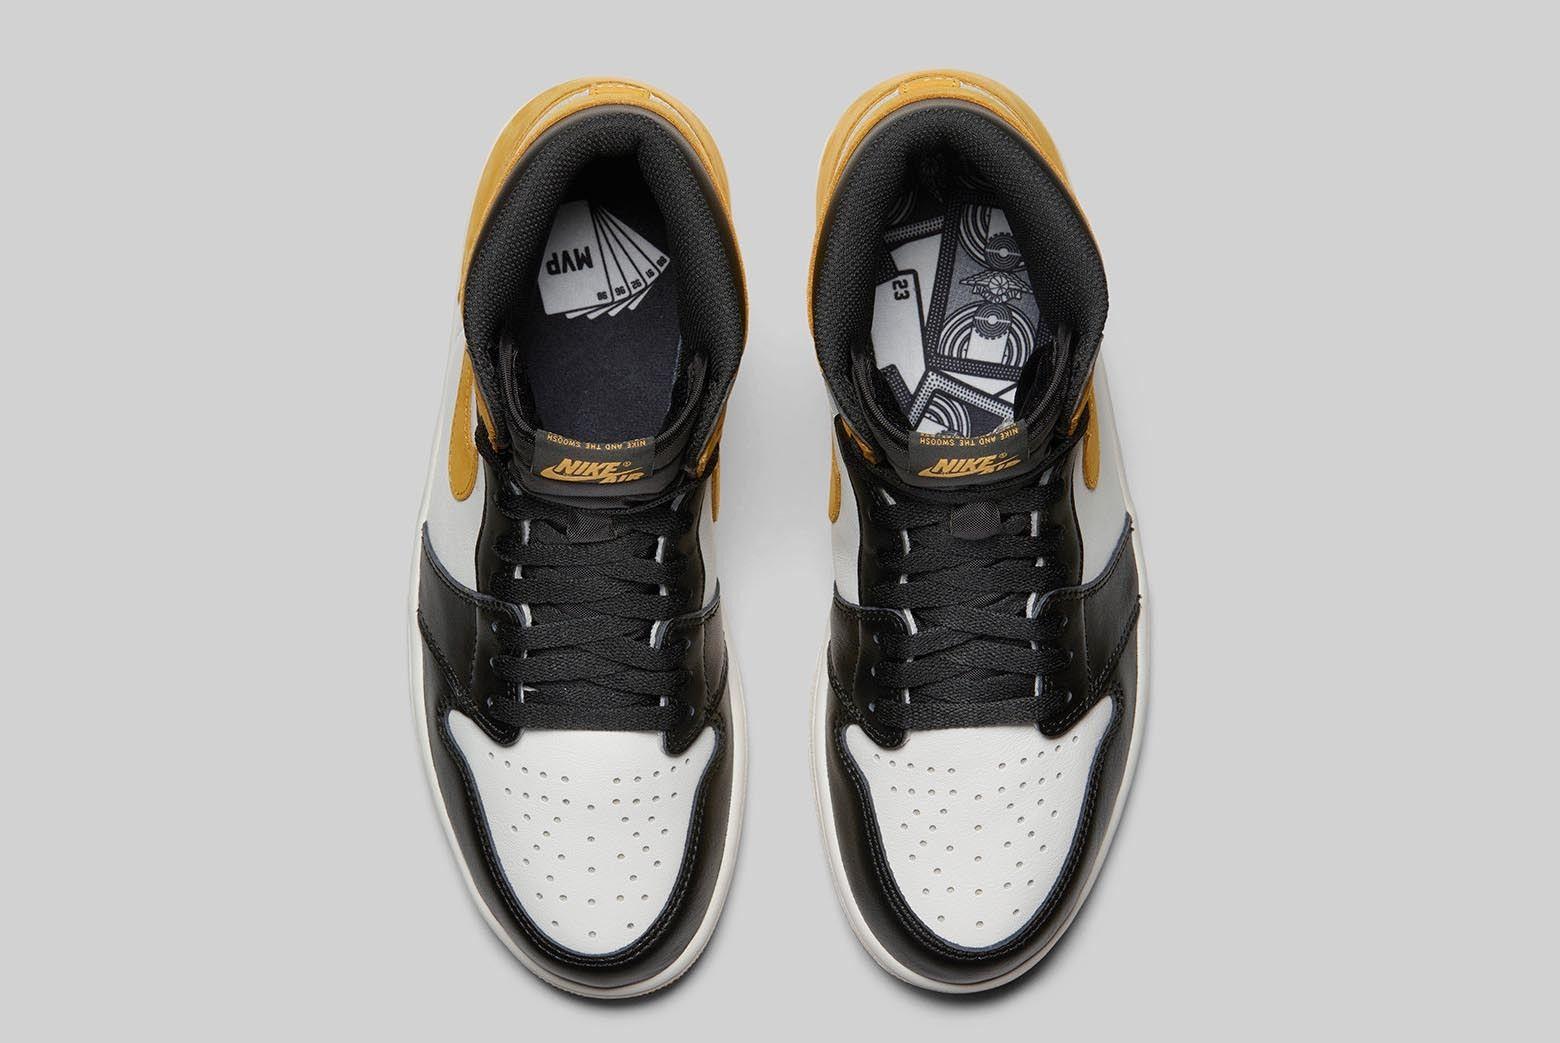 Air Jordan 1 Retro High Og Best Hand In The Game Collection 16 Sneaker Freaker